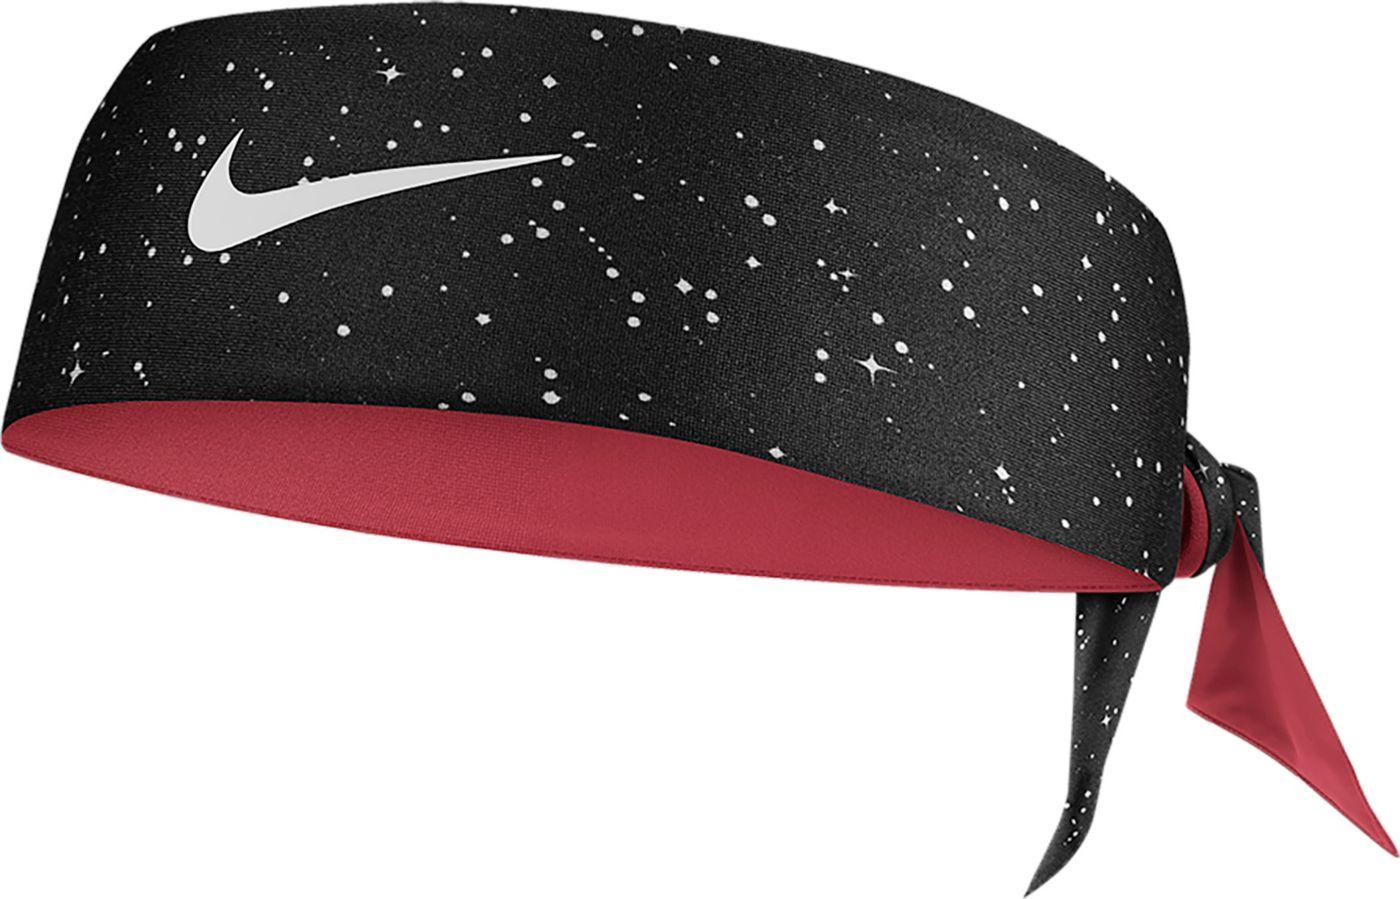 Nike Women's Dri-FIT Glam Reversible Head Tie